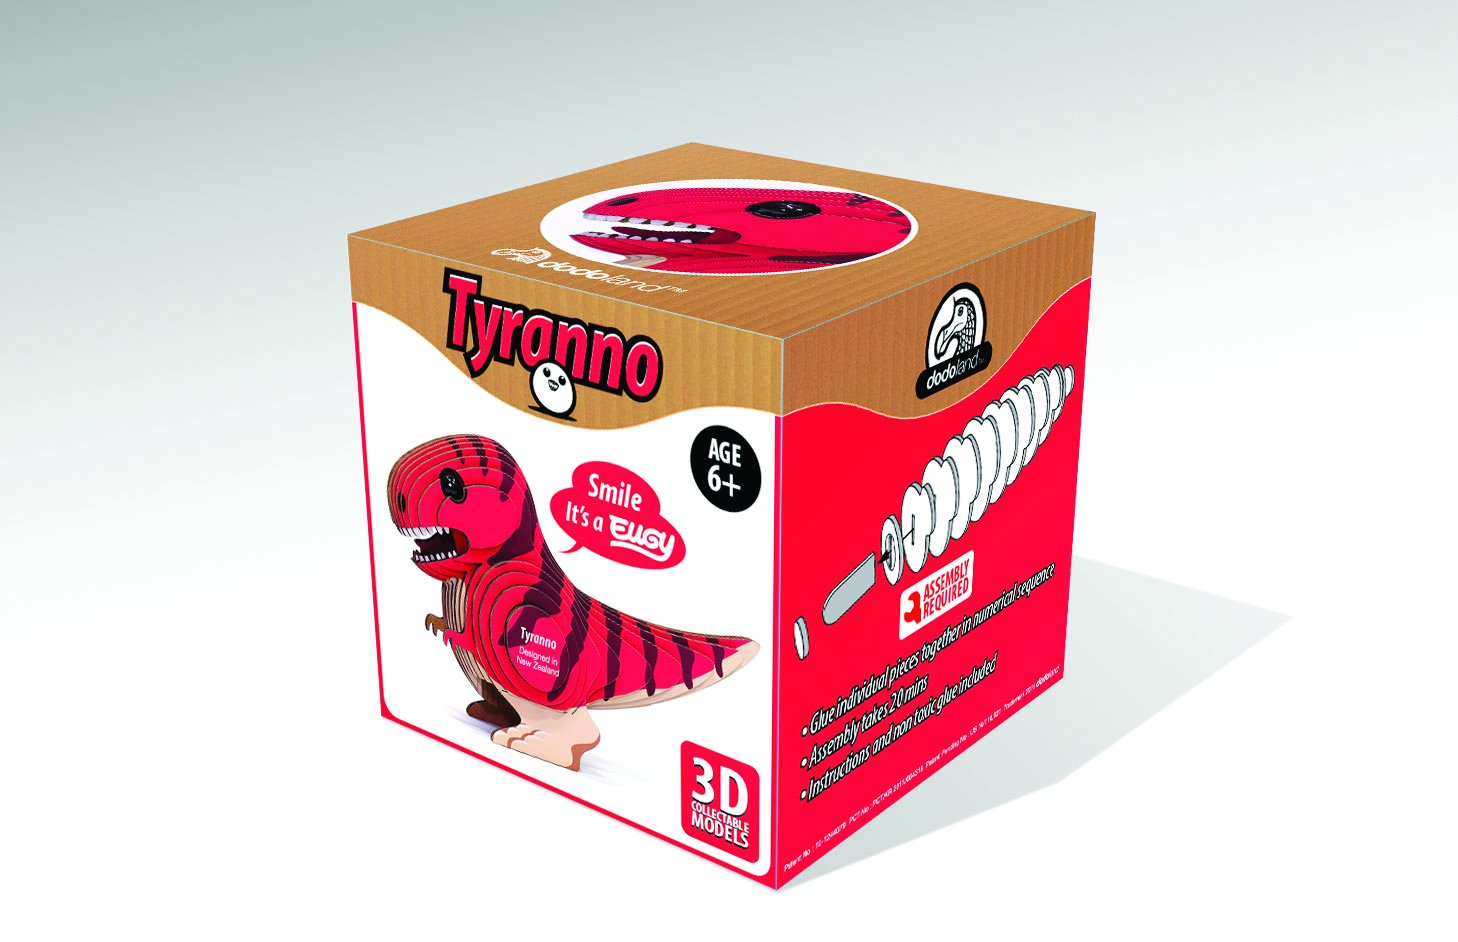 GeoToys Eugy Cardboard Miniatures Kit, Tyranno Eugy